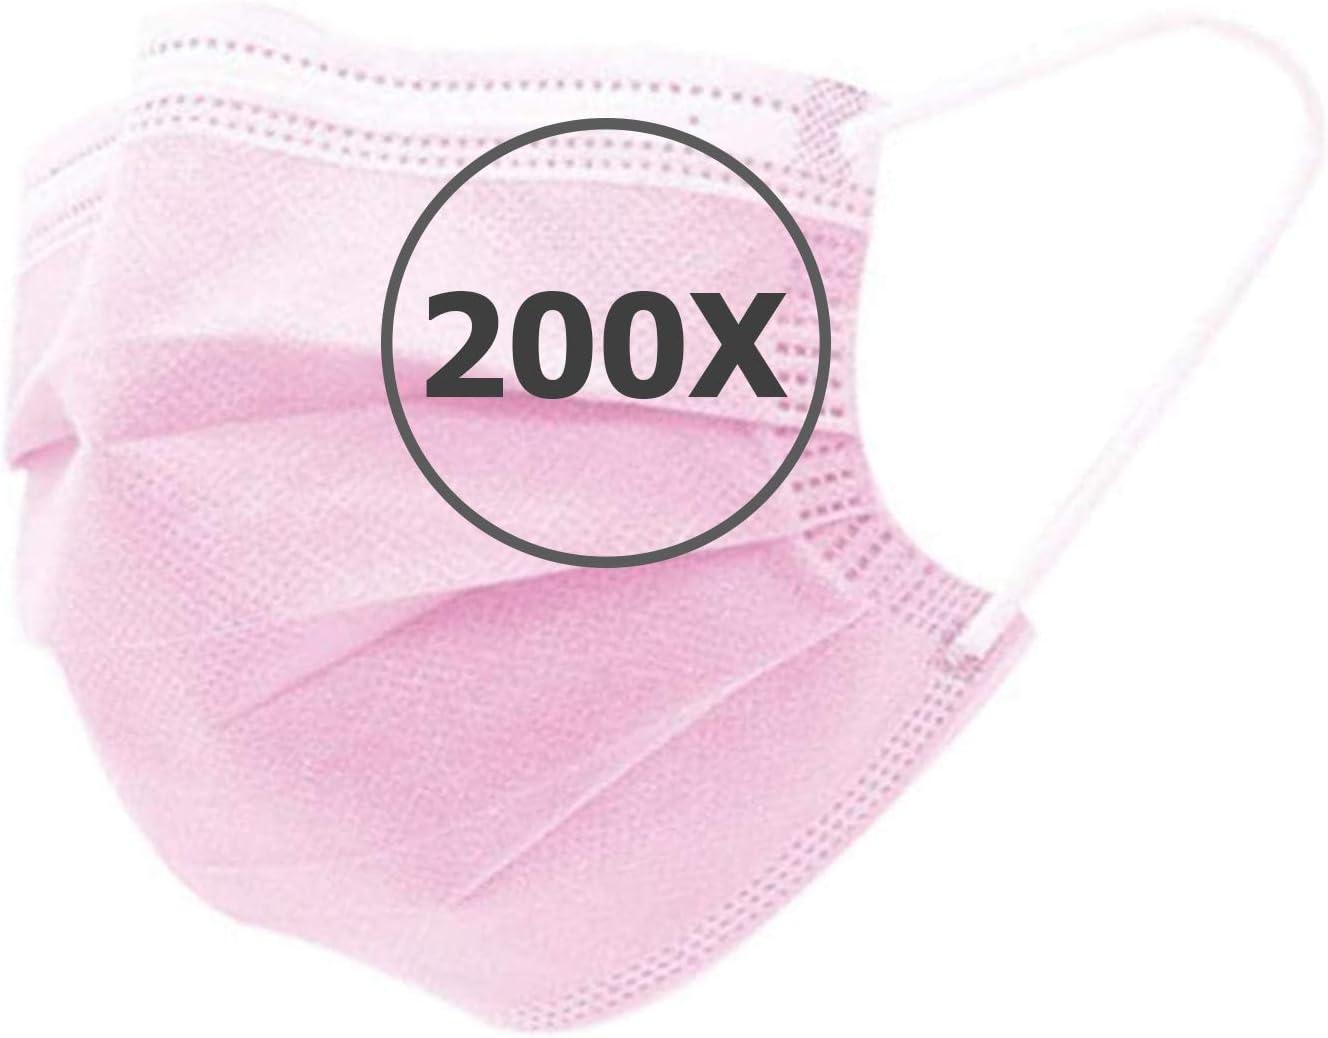 TBOC Protección Facial Desechable - [Pack 200 Unidades] [Color Rosa] Antipolen Antipolvo Ligera Suave y Transpirable con Pinza Nasal No Reutilizable